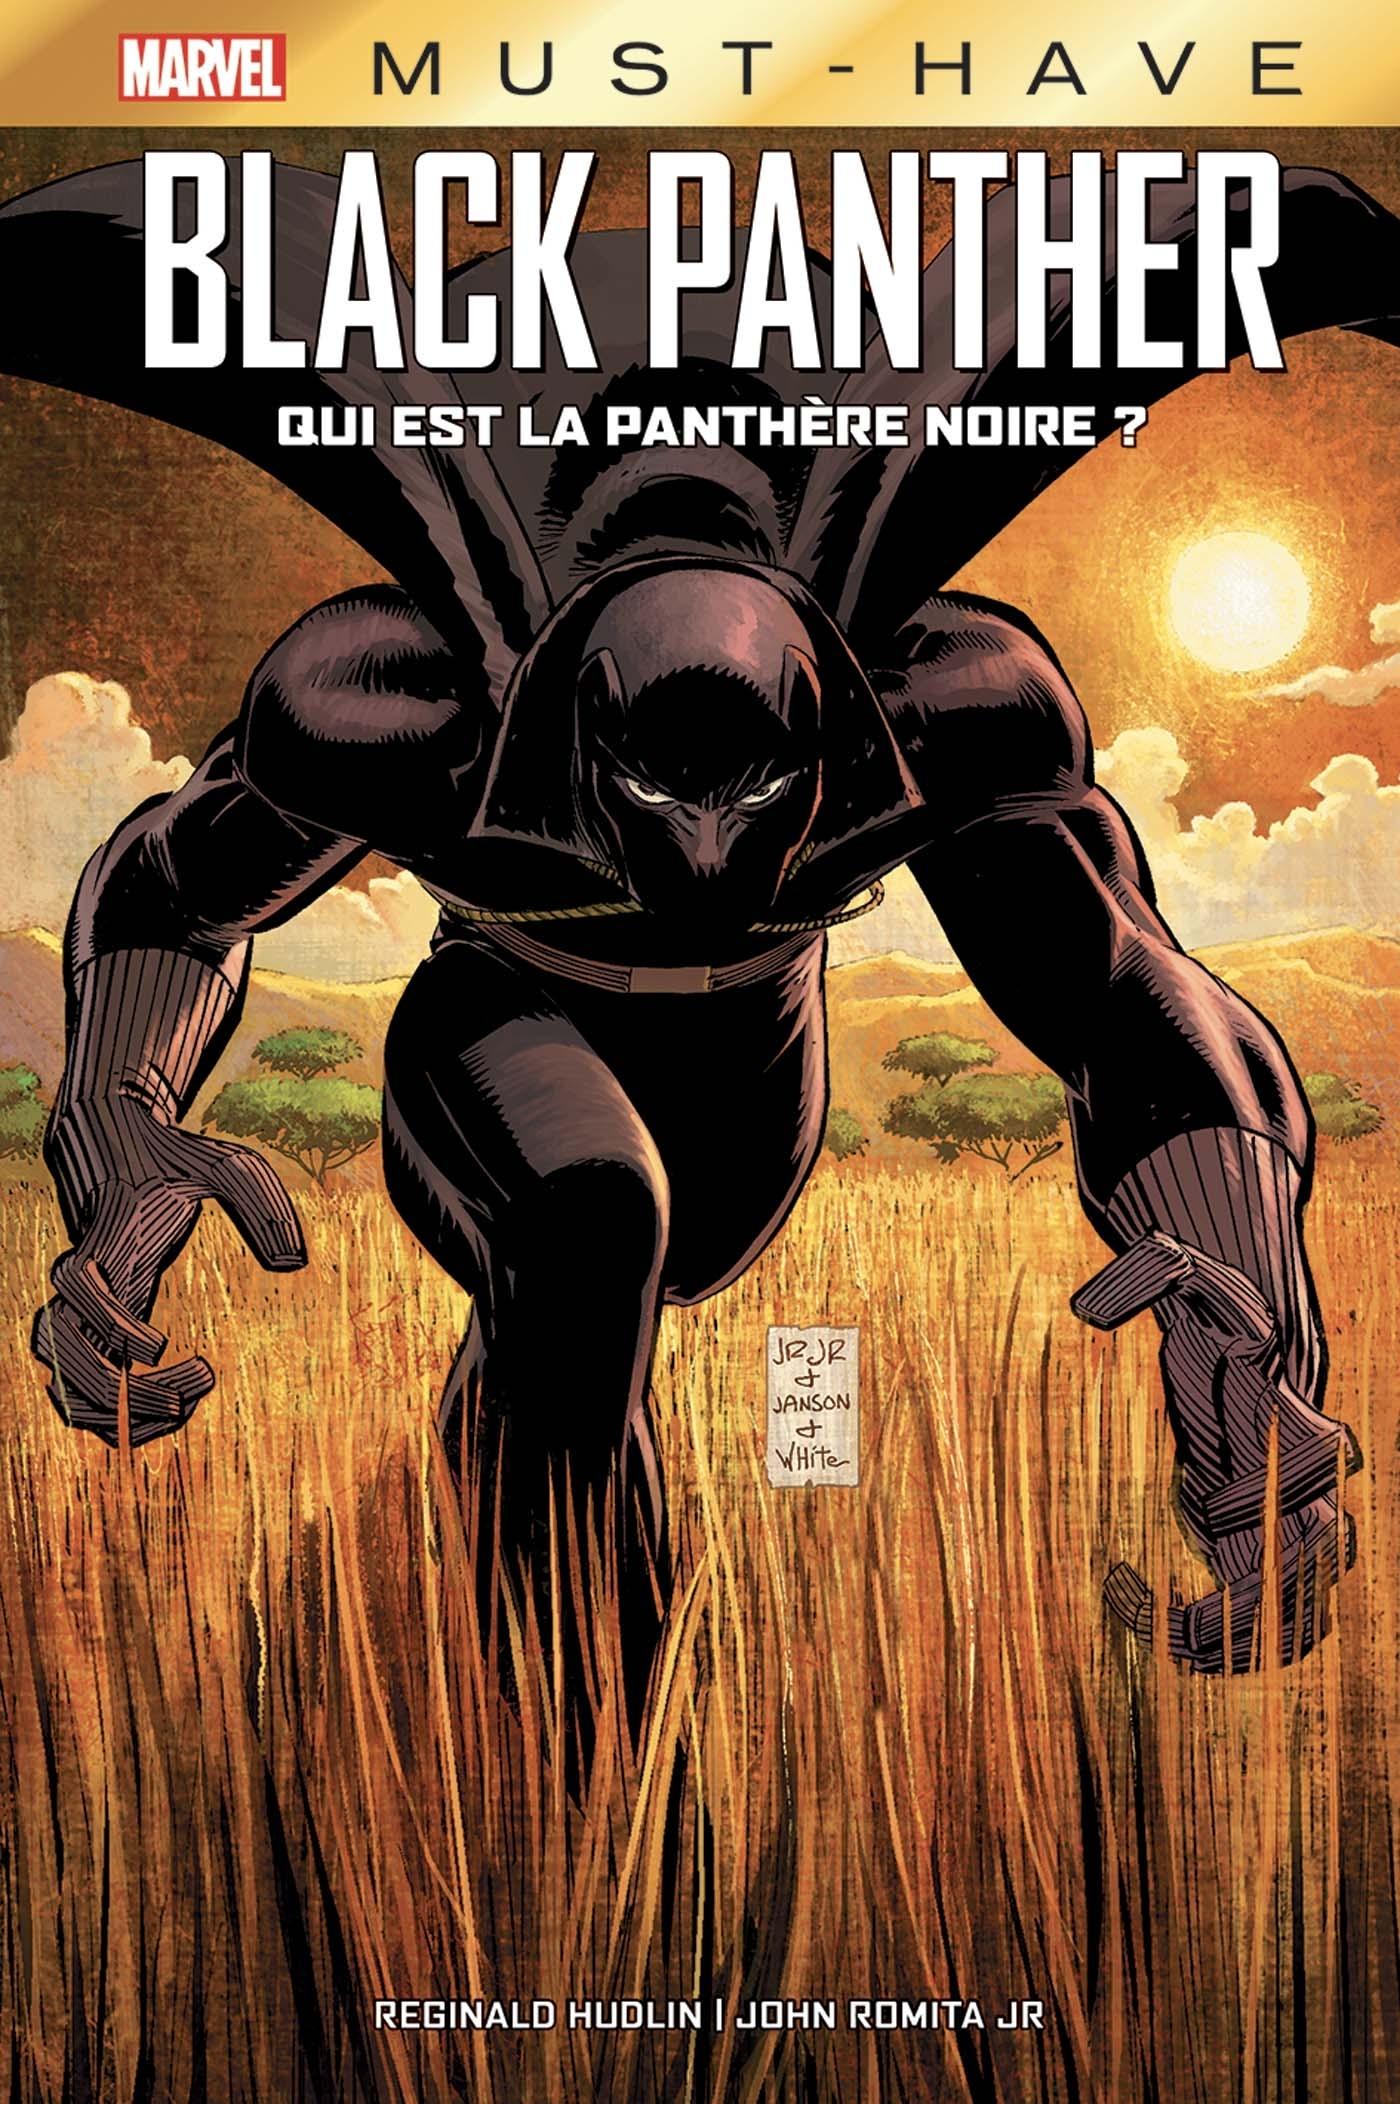 BLACK PANTHER: QUI EST LA PANTHERE NOIRE ?